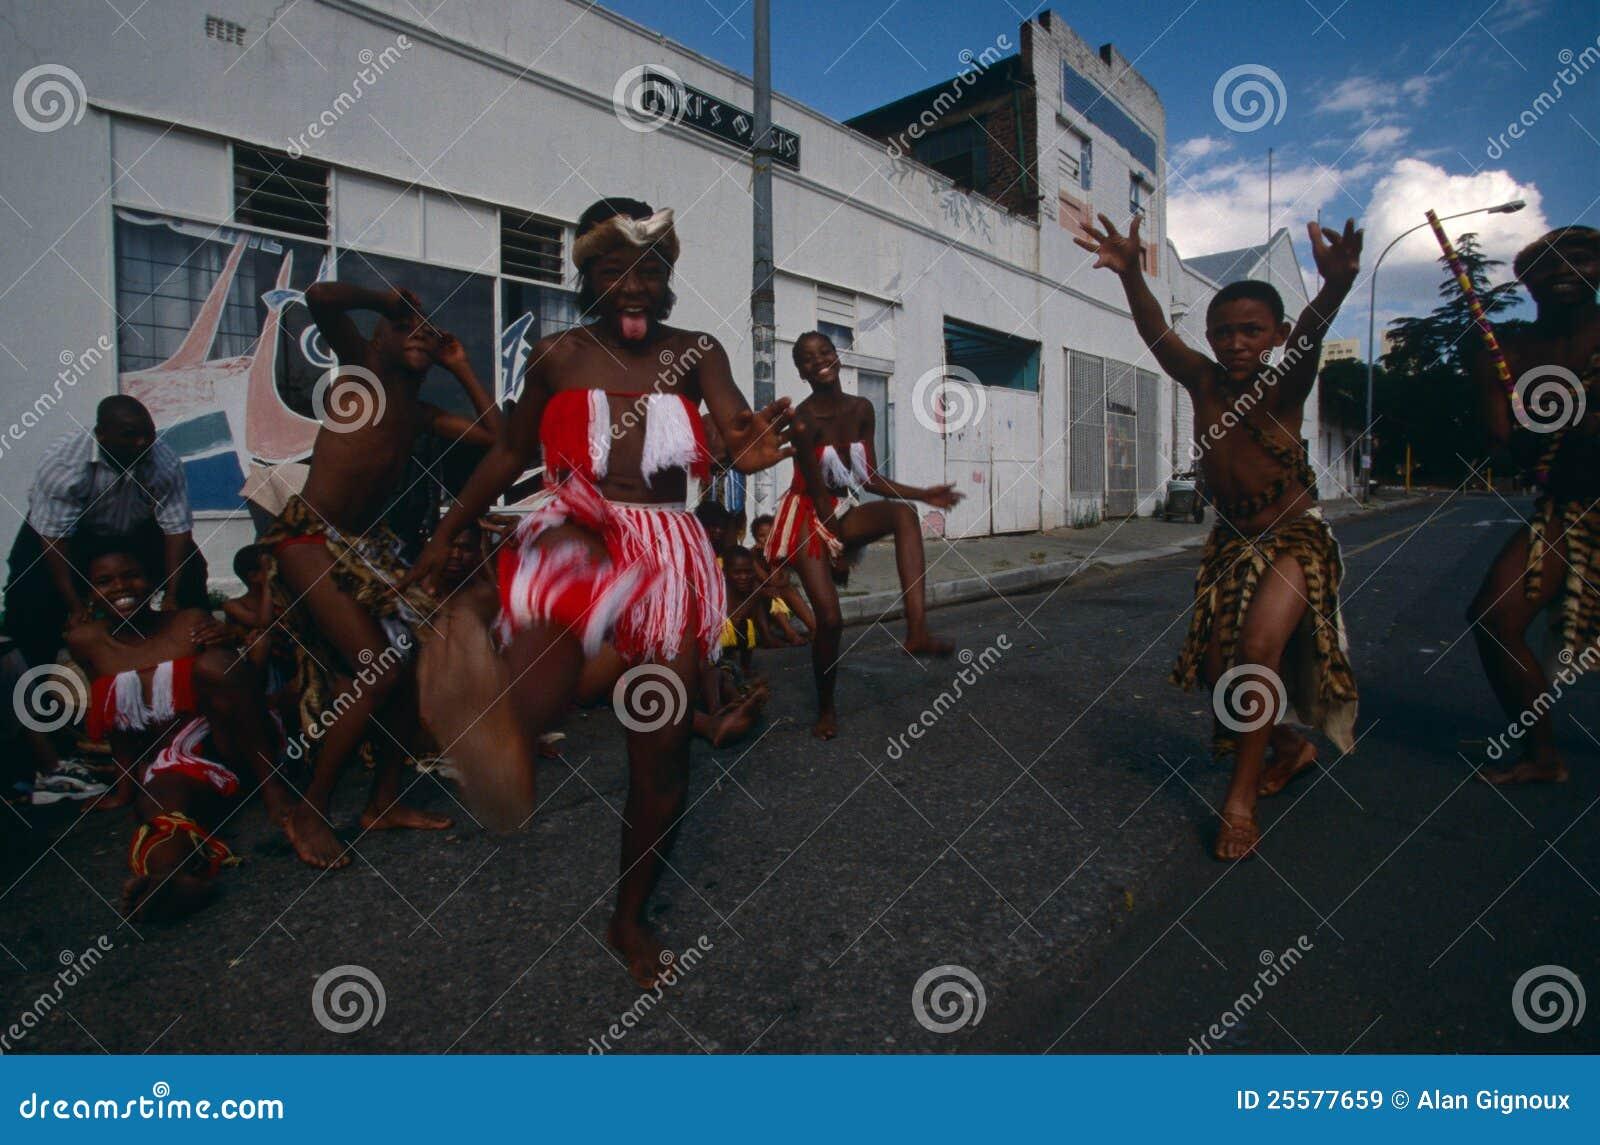 Una tribu étnica que se realiza en Johannesburg.